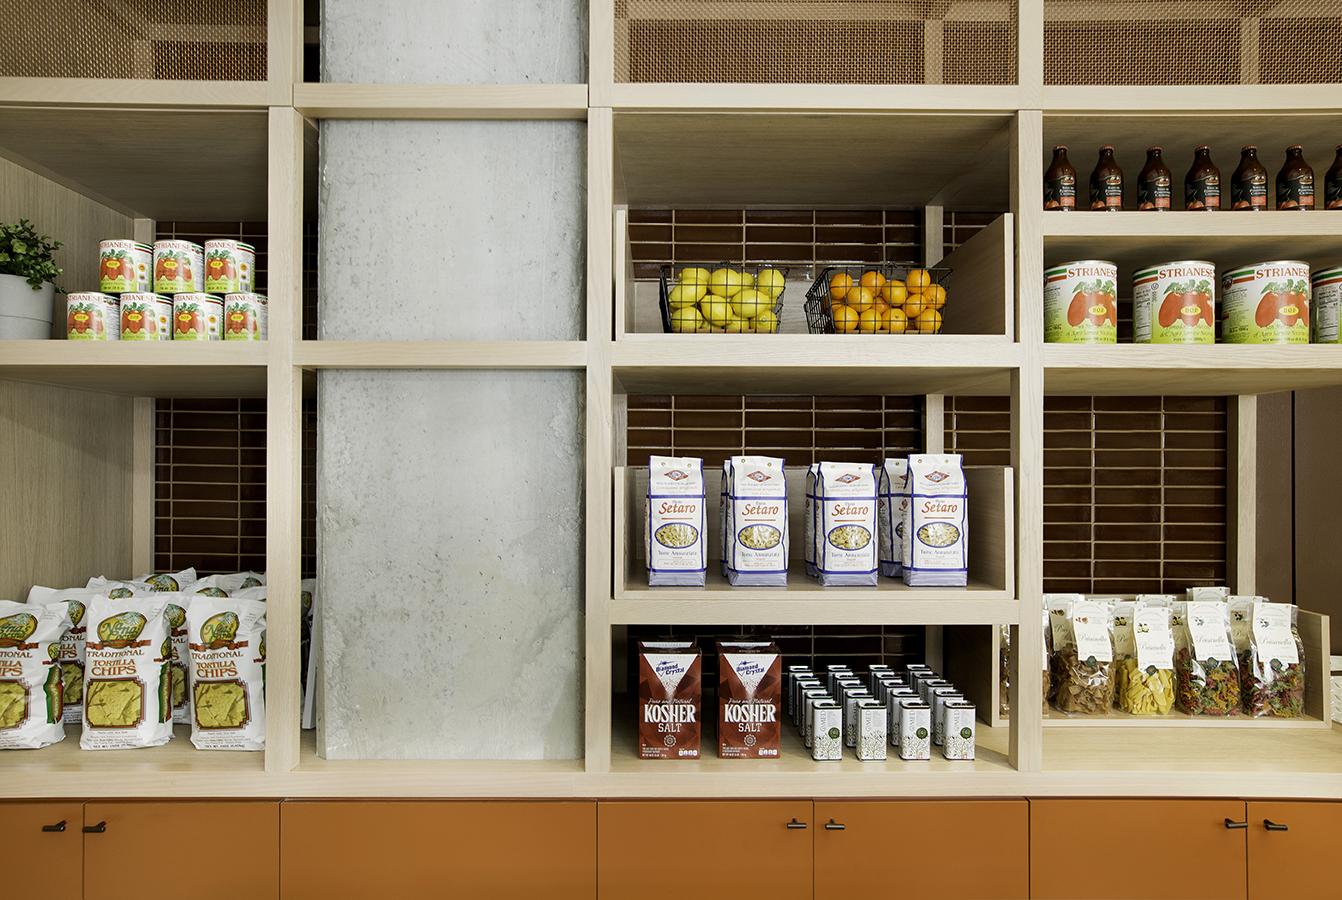 3_fleets-food-retail-display-detail.jpg